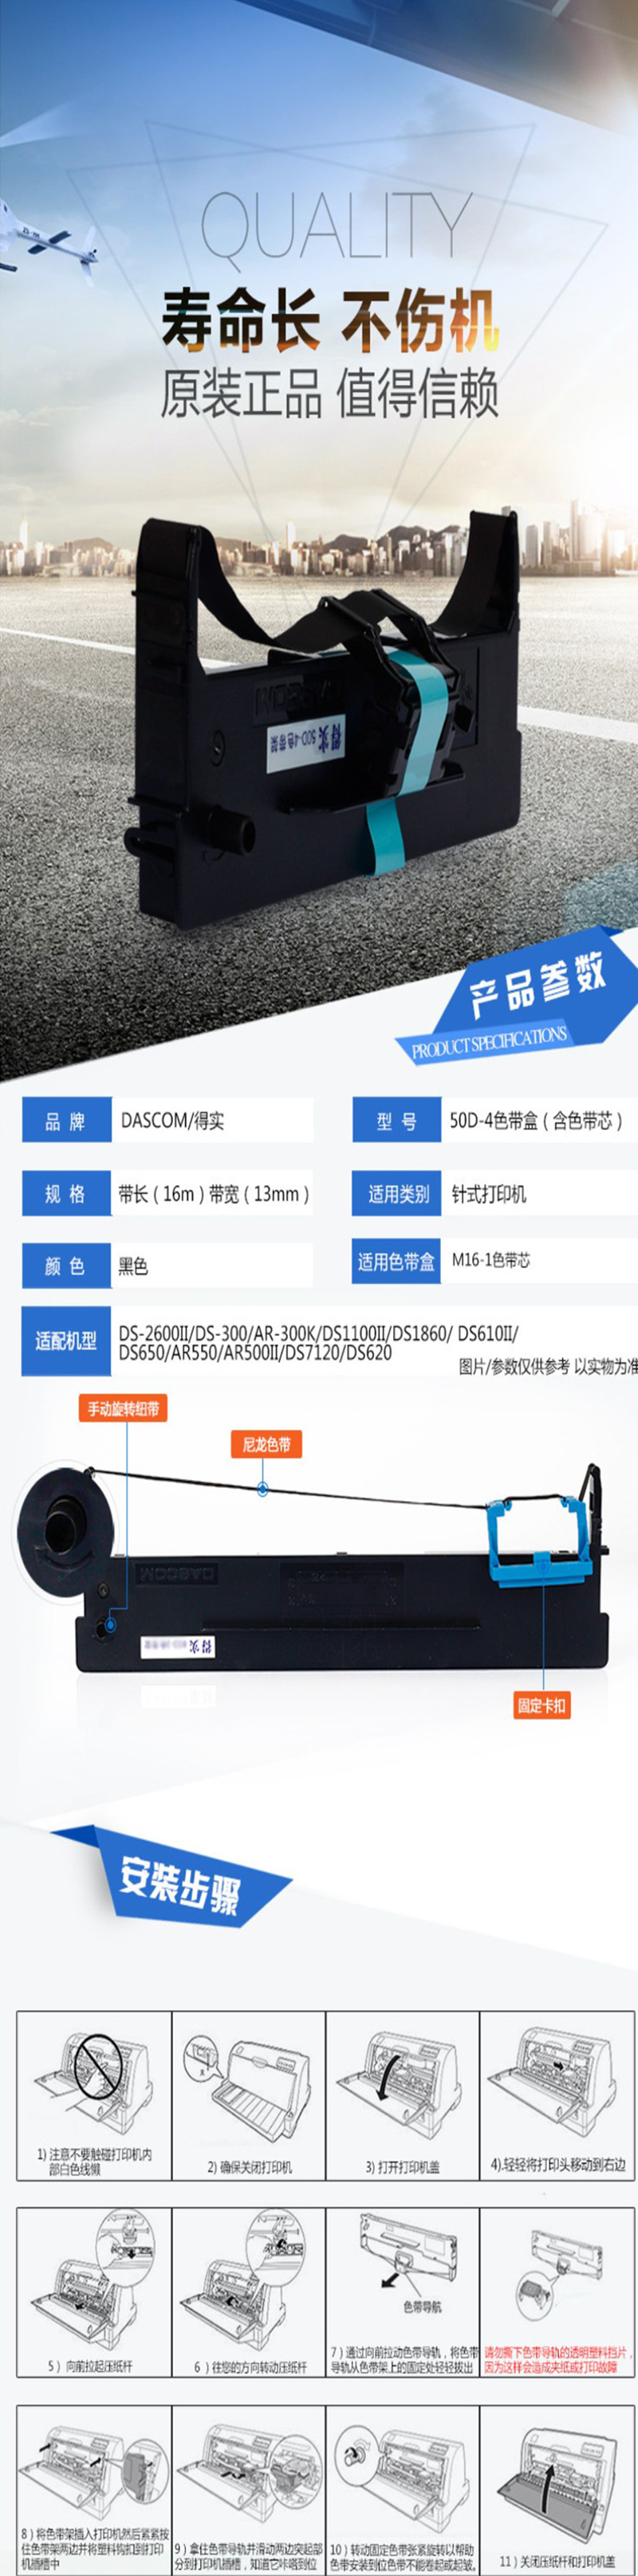 得实 50D-4 打印机色带架 黑色 适用于DS1000 DS500 1